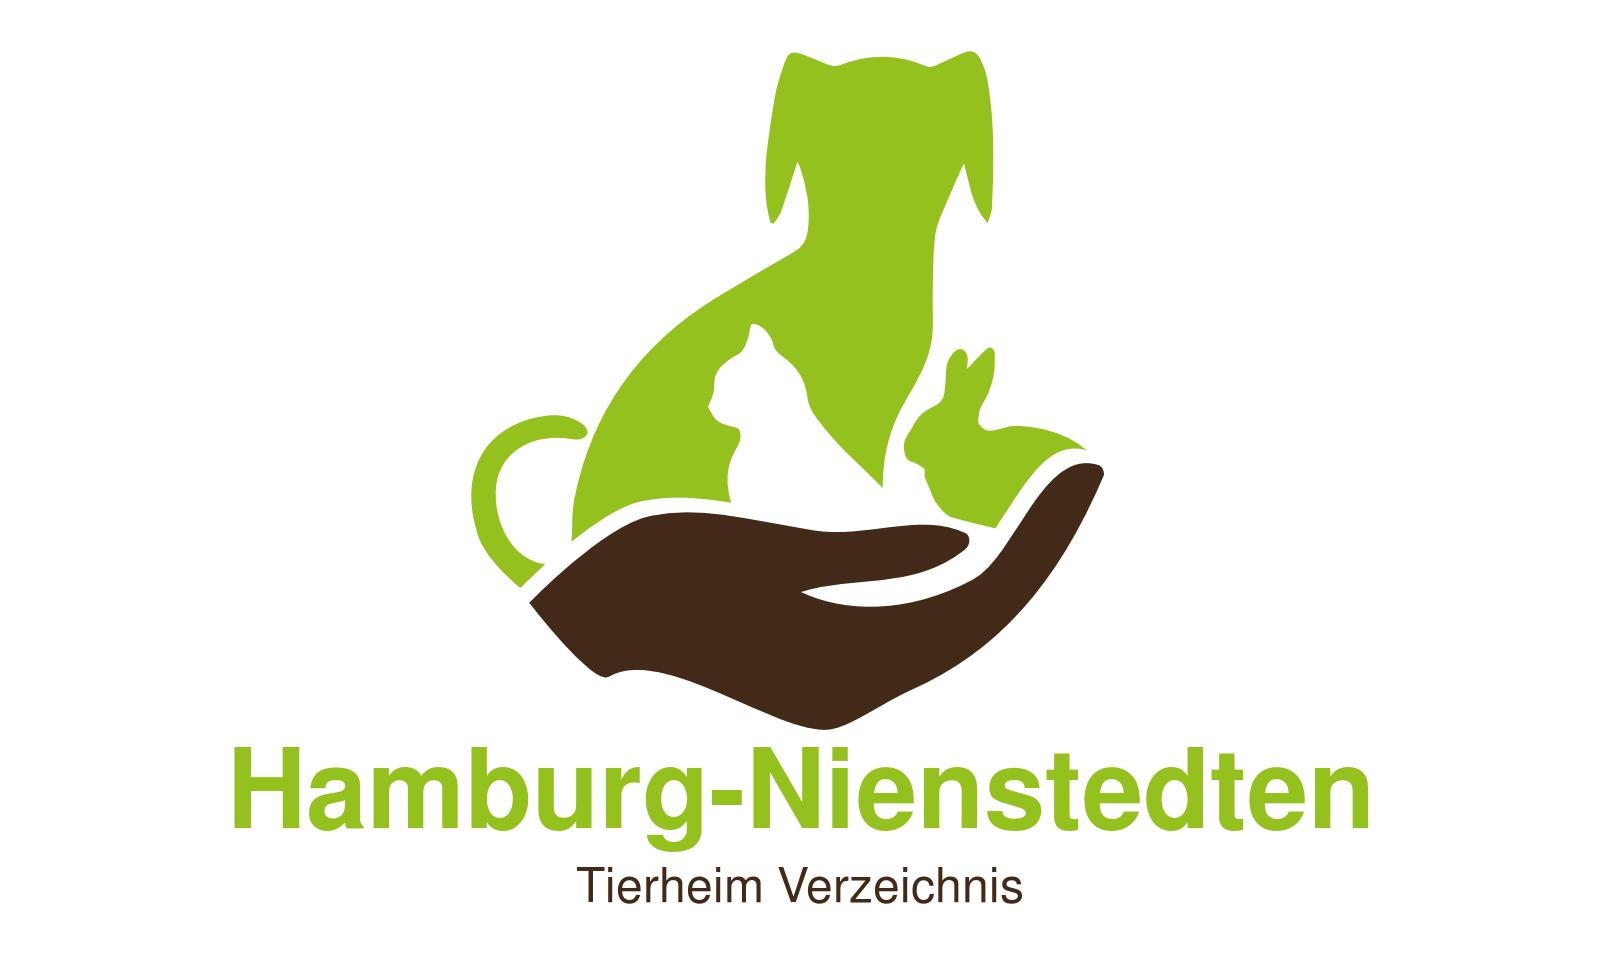 Tierheim Hamburg Nienstedten